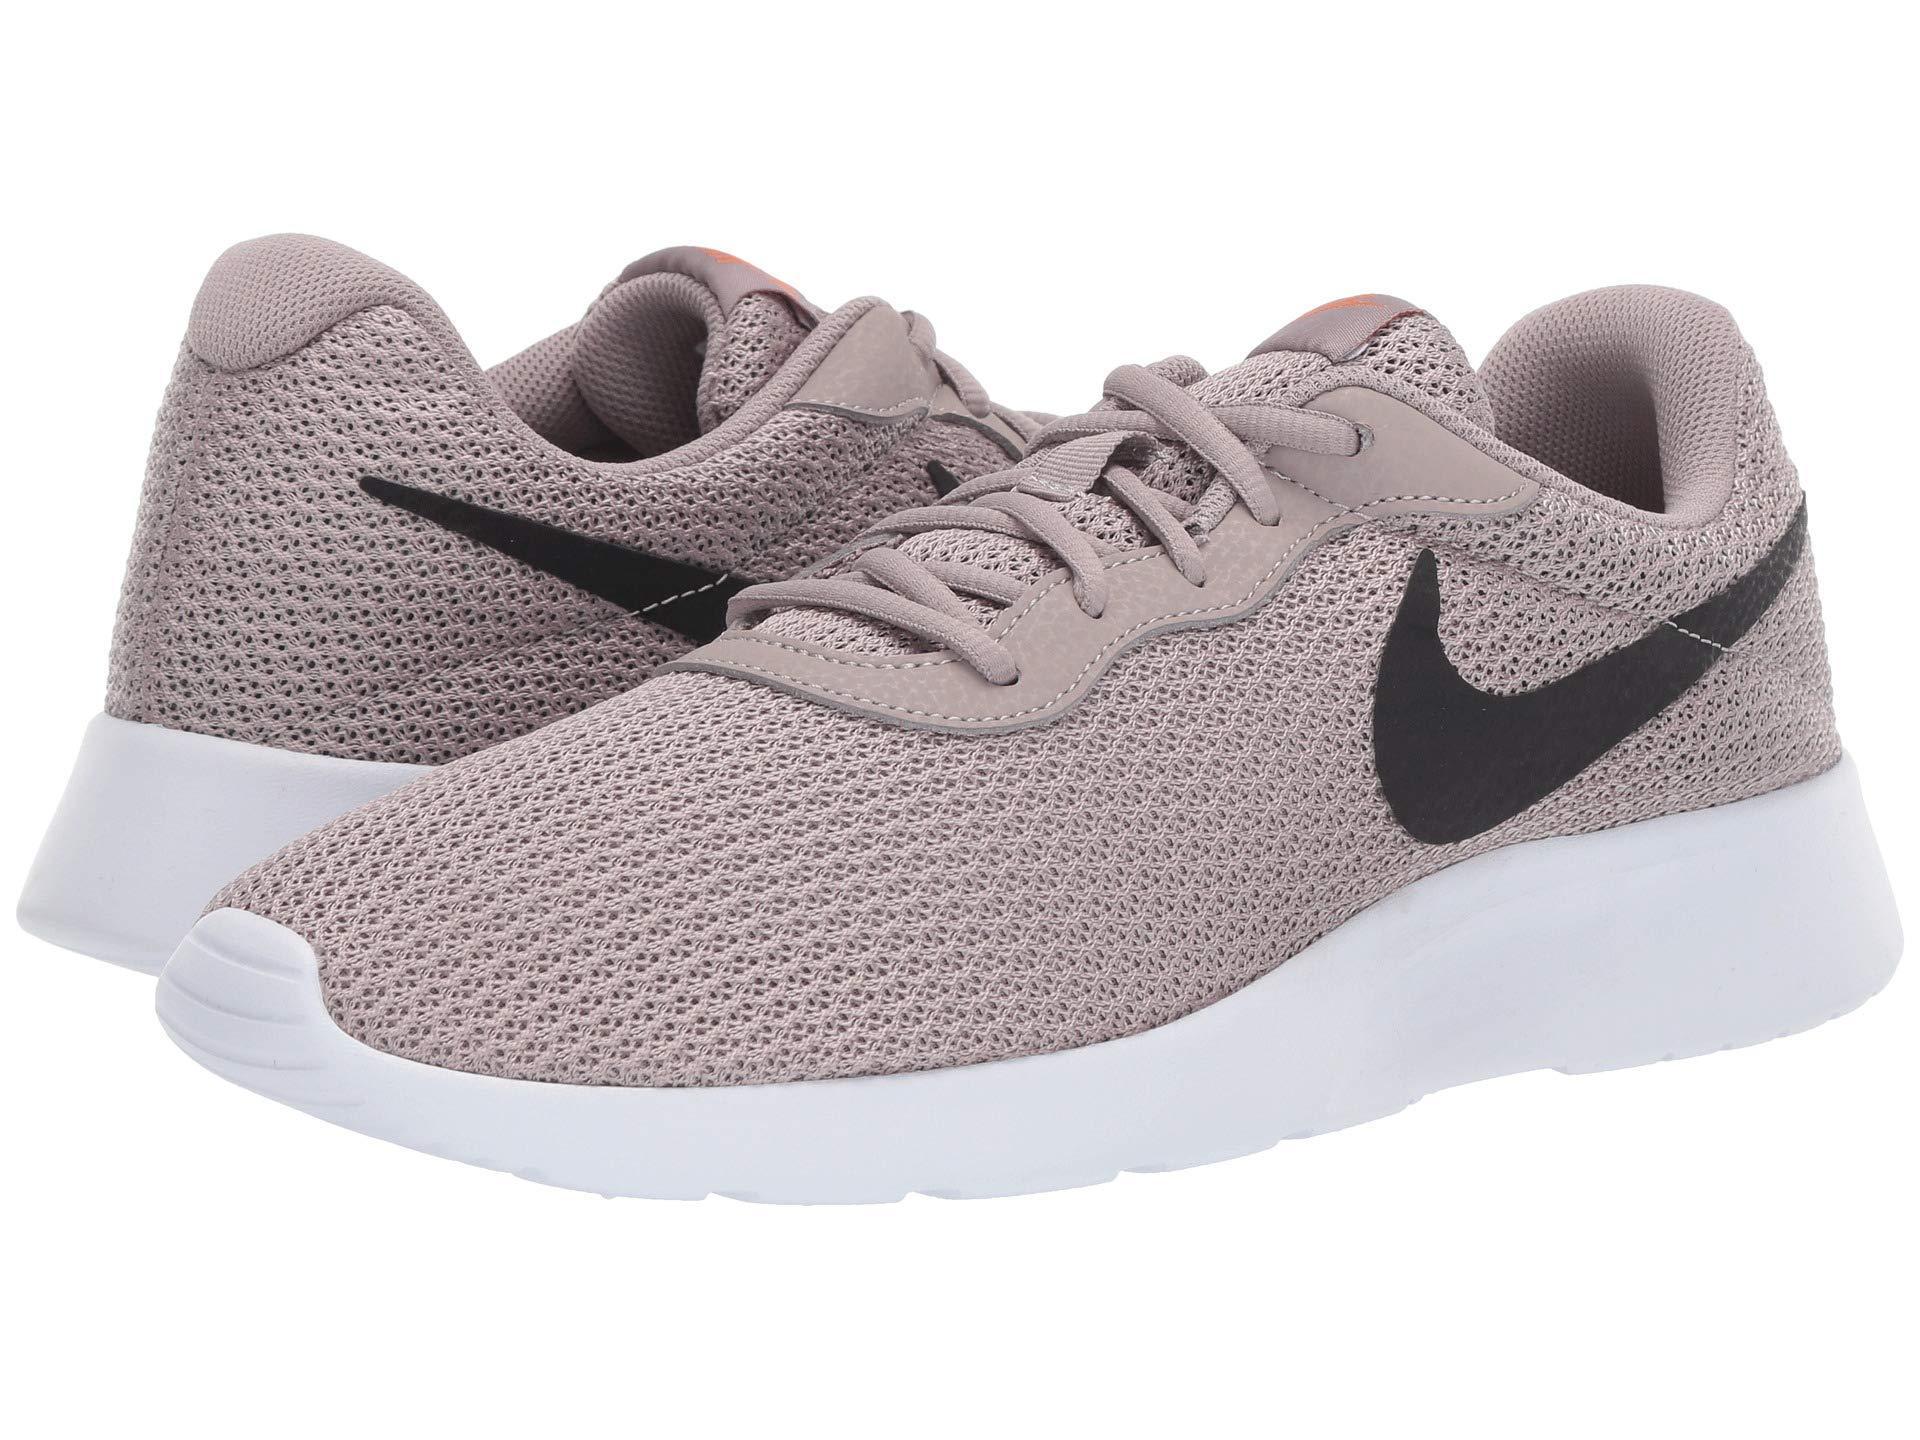 timeless design e9663 b0c9e Nike Tanjun (wolf Grey/white) Men's Running Shoes for Men - Lyst